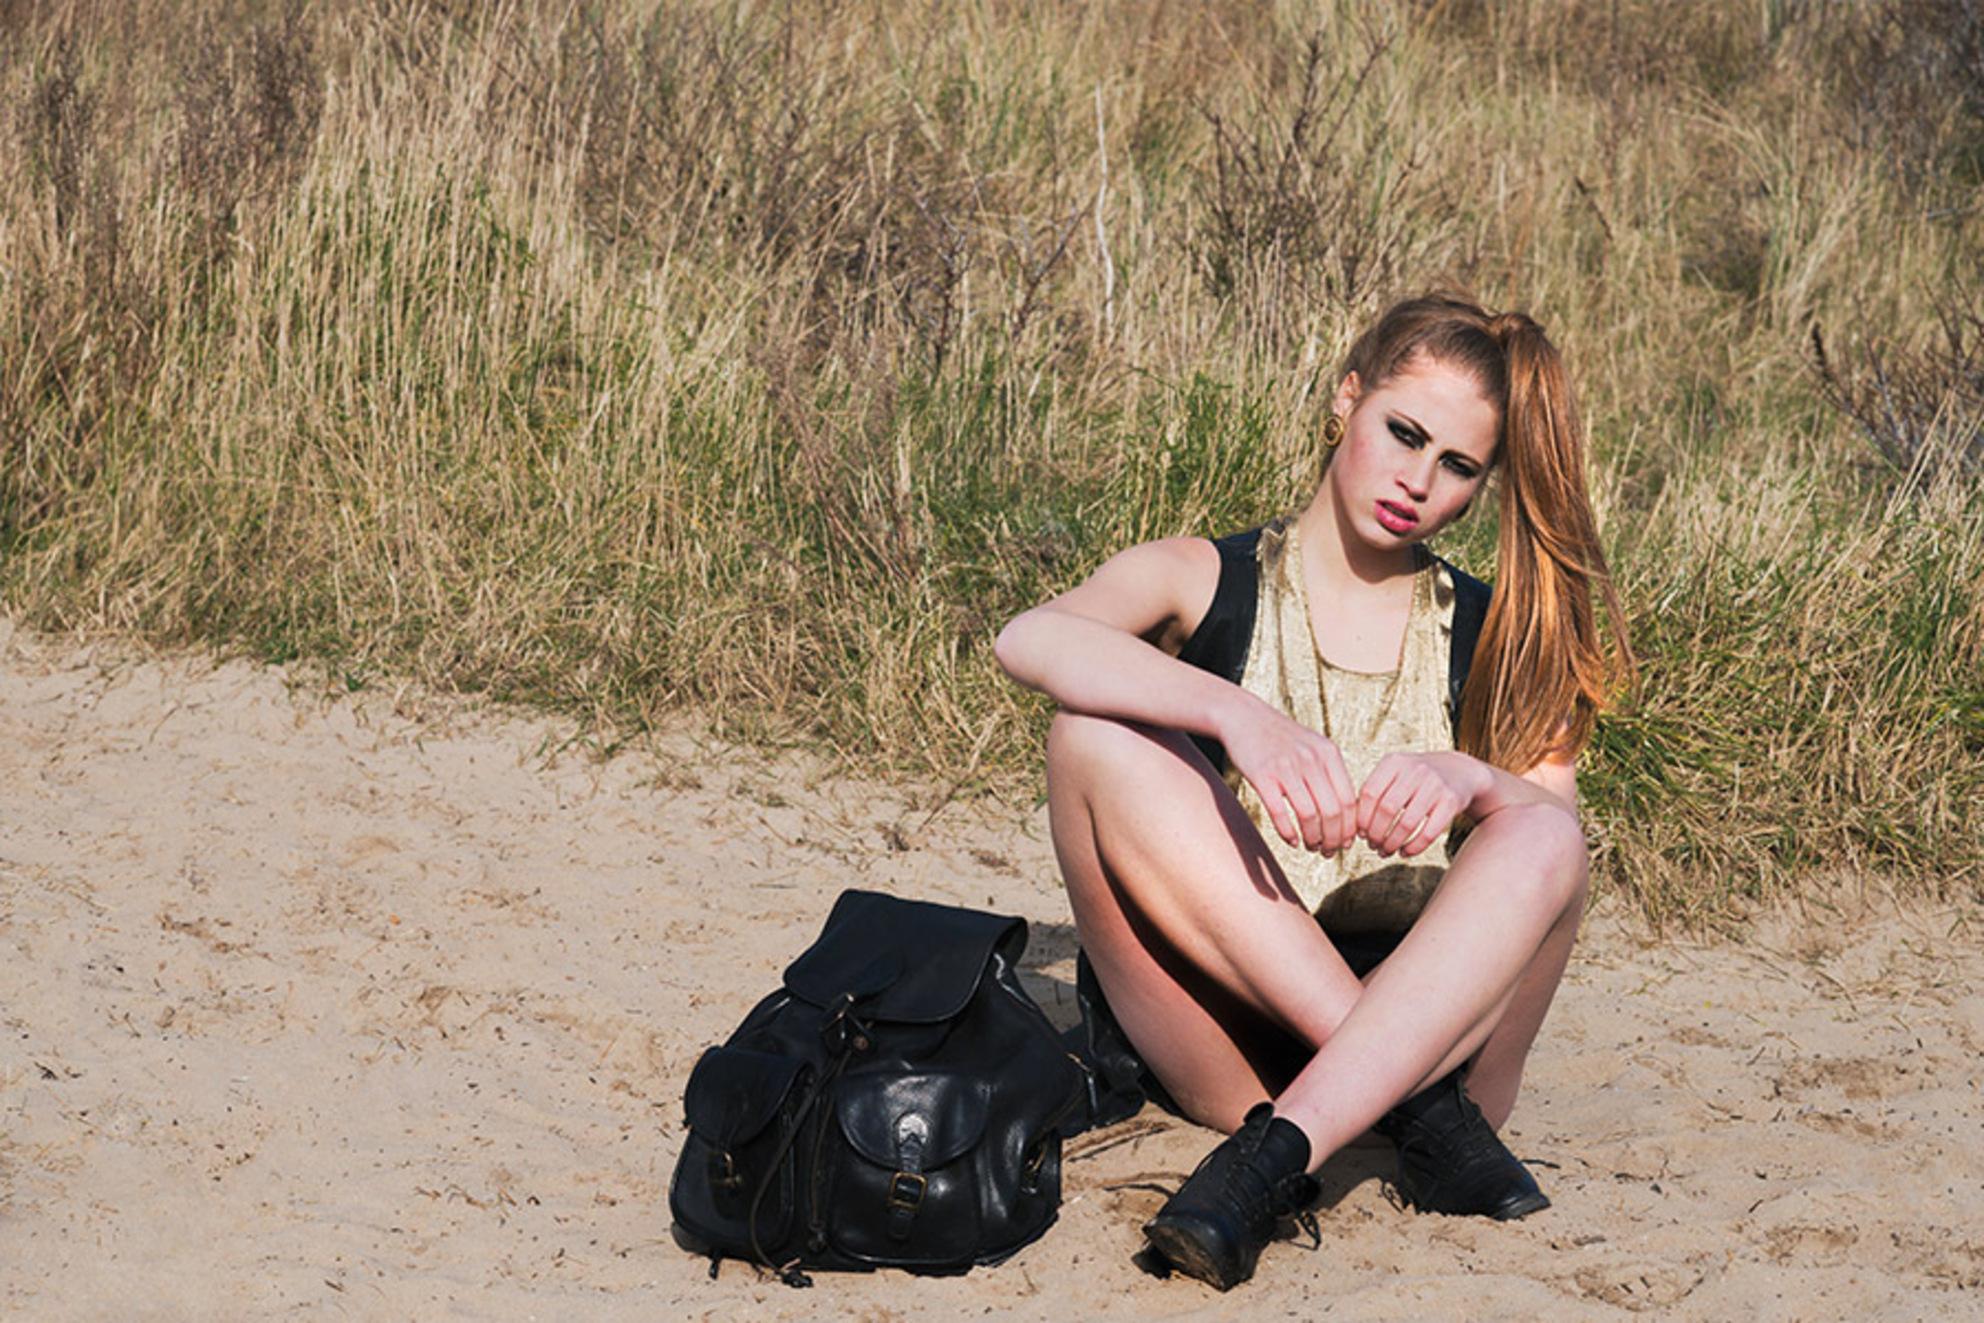 The vintage guide - Shoot voor de Vintage Guide, Model: Cecilia Zevenhek - foto door raisazwart op 18-03-2014 - deze foto bevat: schaduw, duinen, zomer, fashion, summer, mode, hard licht, hard light